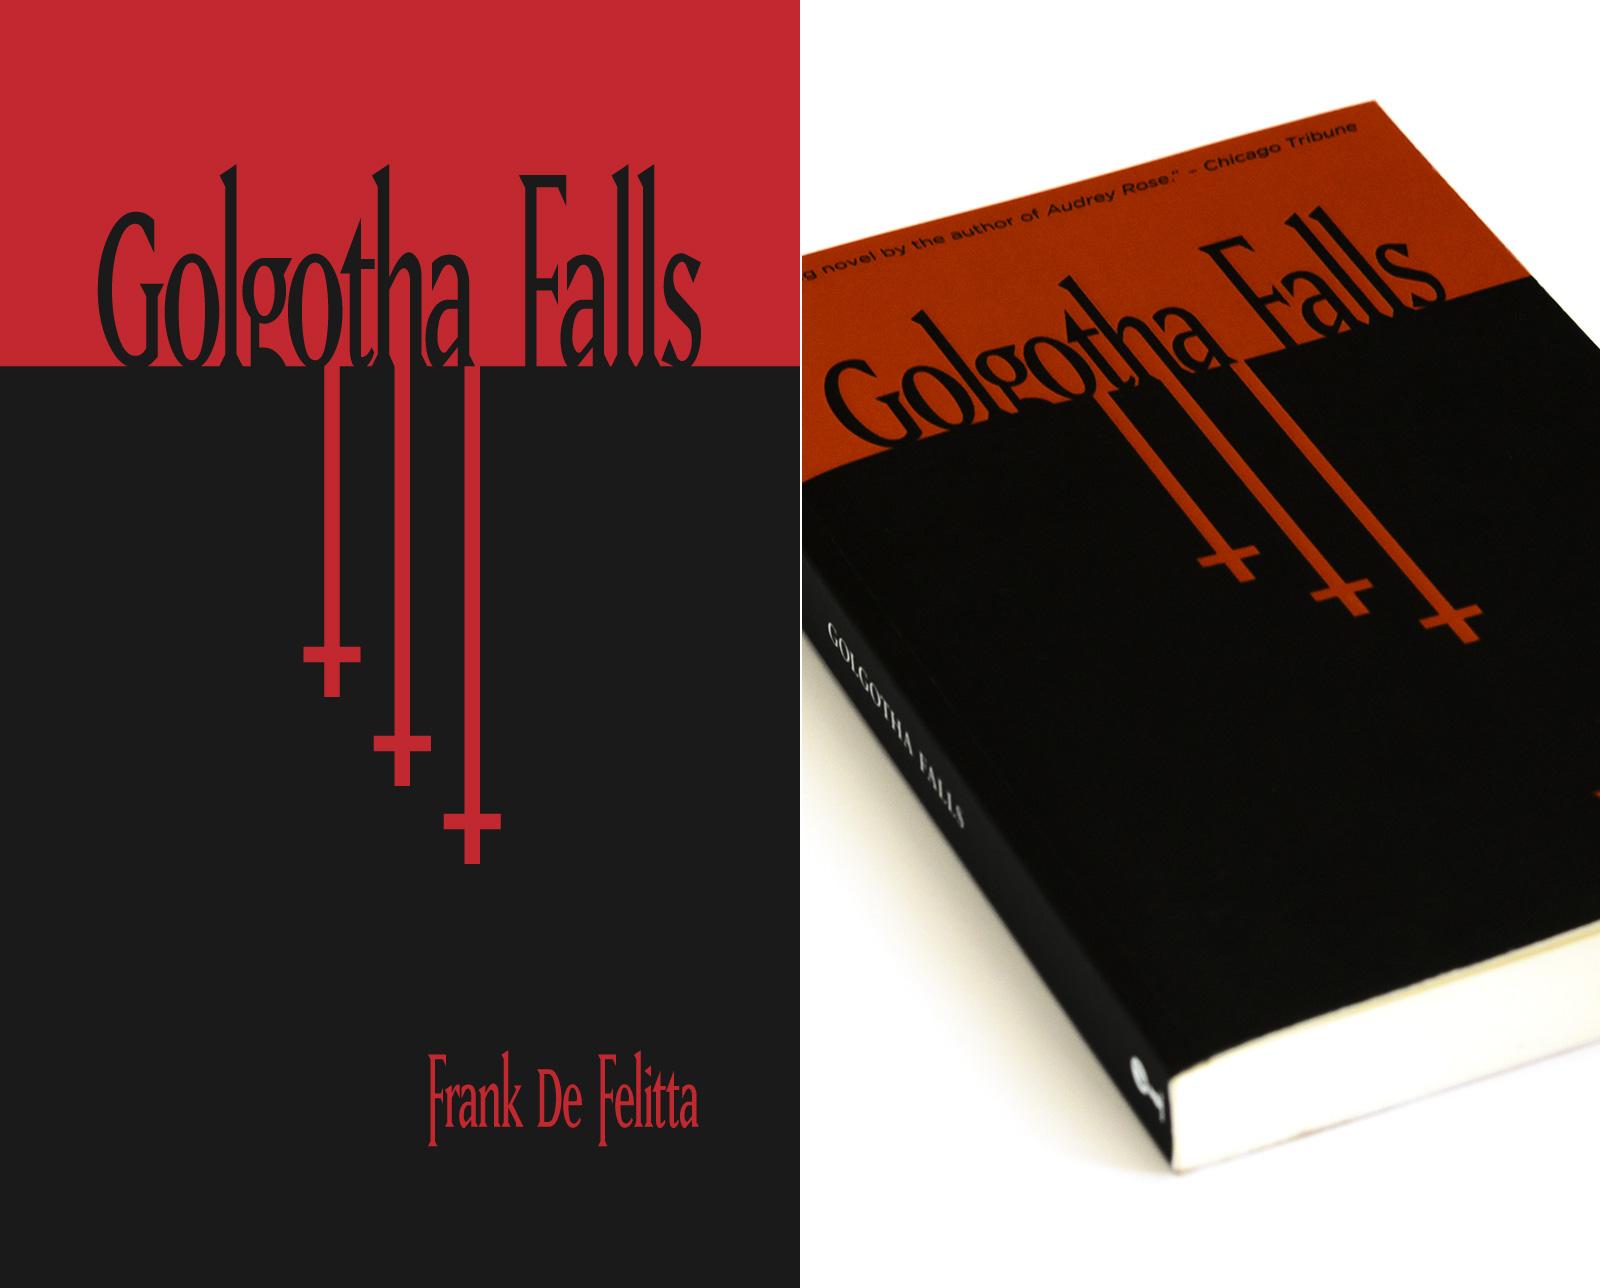 Golgotha Falls by Frank De Filitta